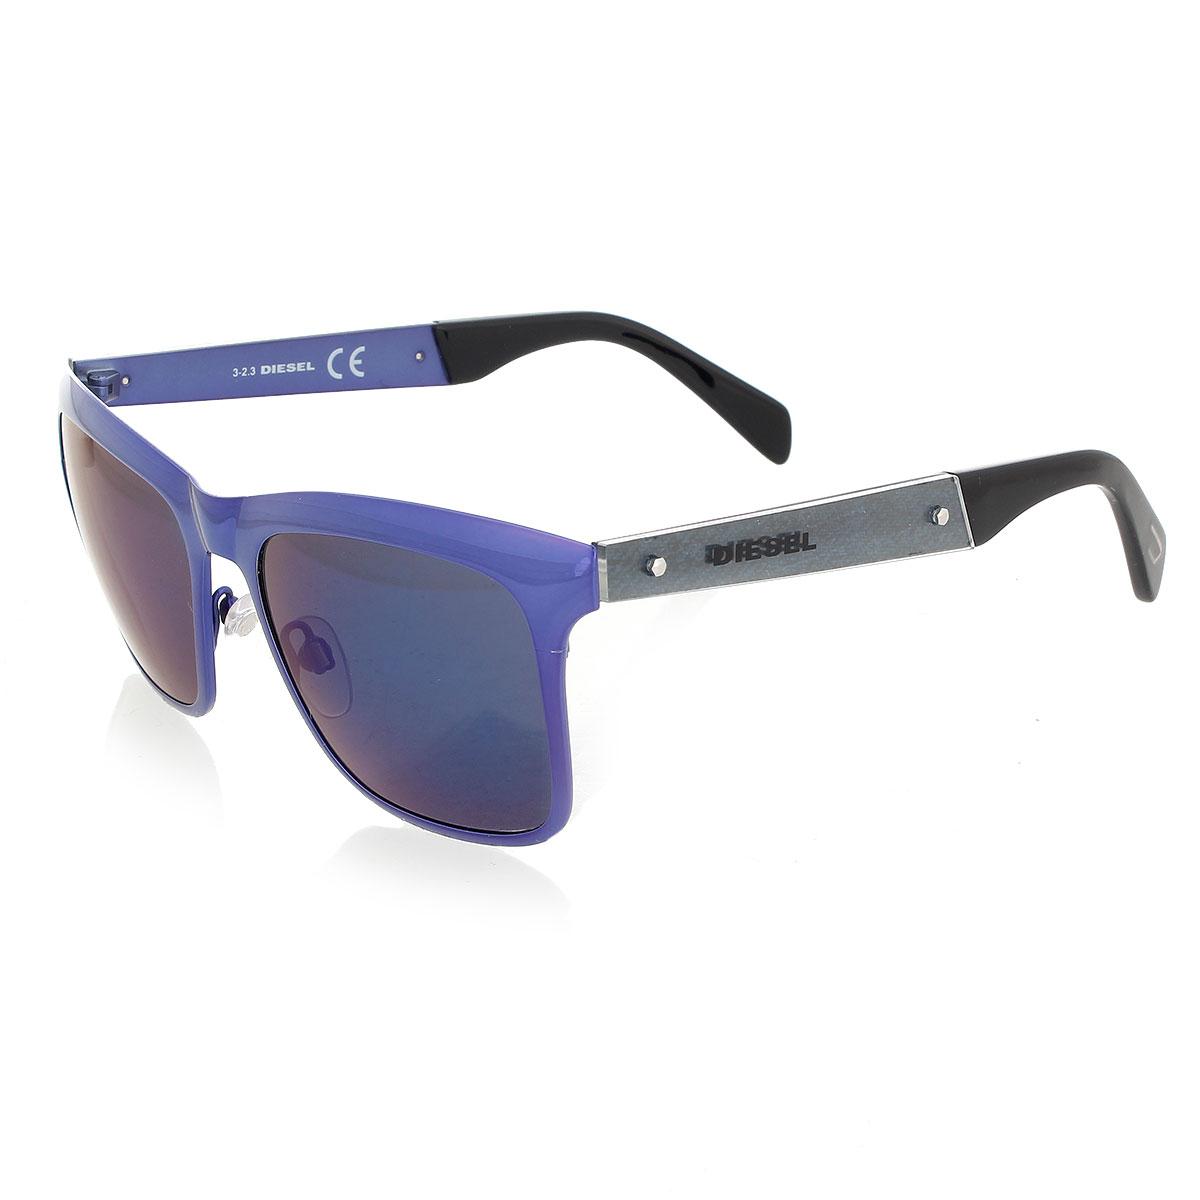 Diesel uomo occhiali da sole con lenti colorate glamood outlet - Occhiali con lenti a specchio colorate ...